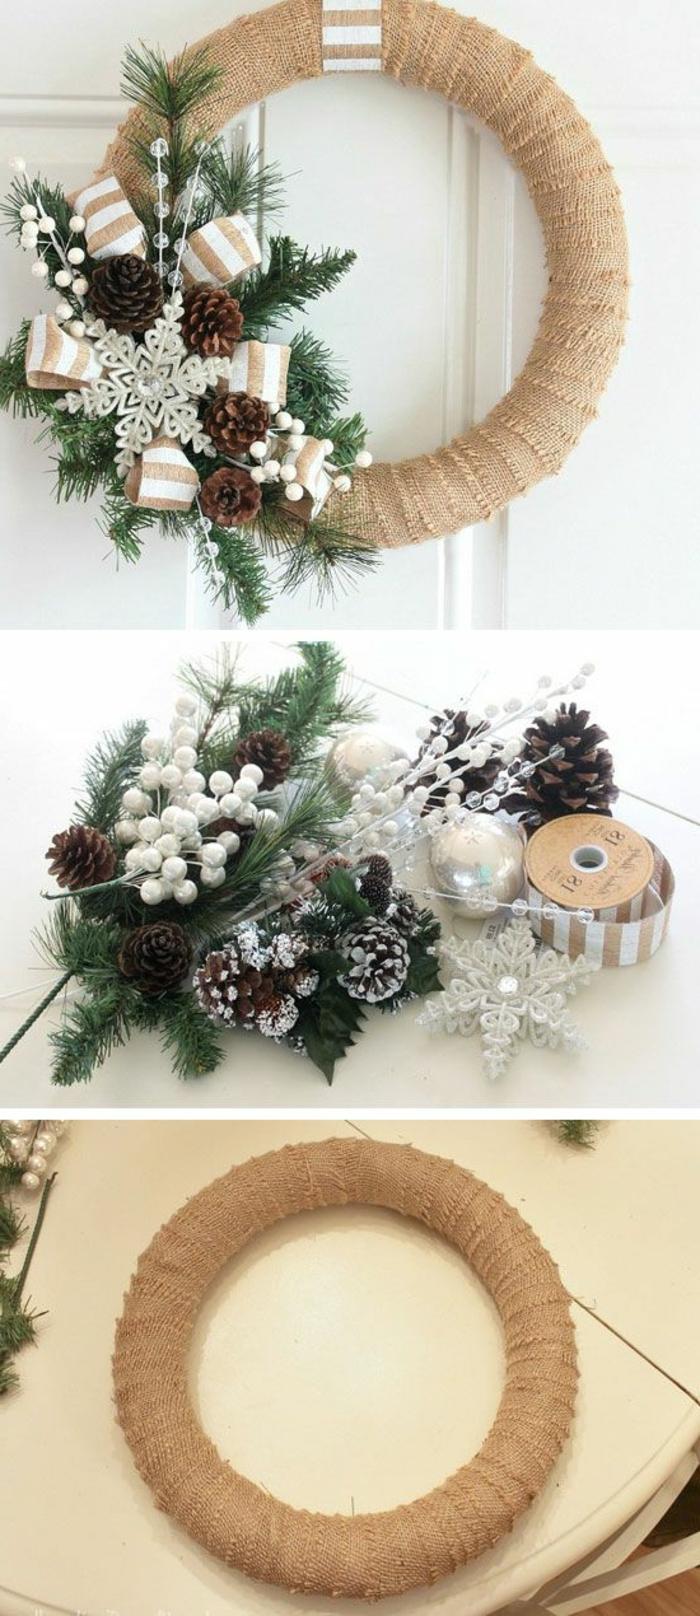 guirnaldas navideñas, corona de navidad en beige con ramas de pino, piñas y copo de nieve decorativo